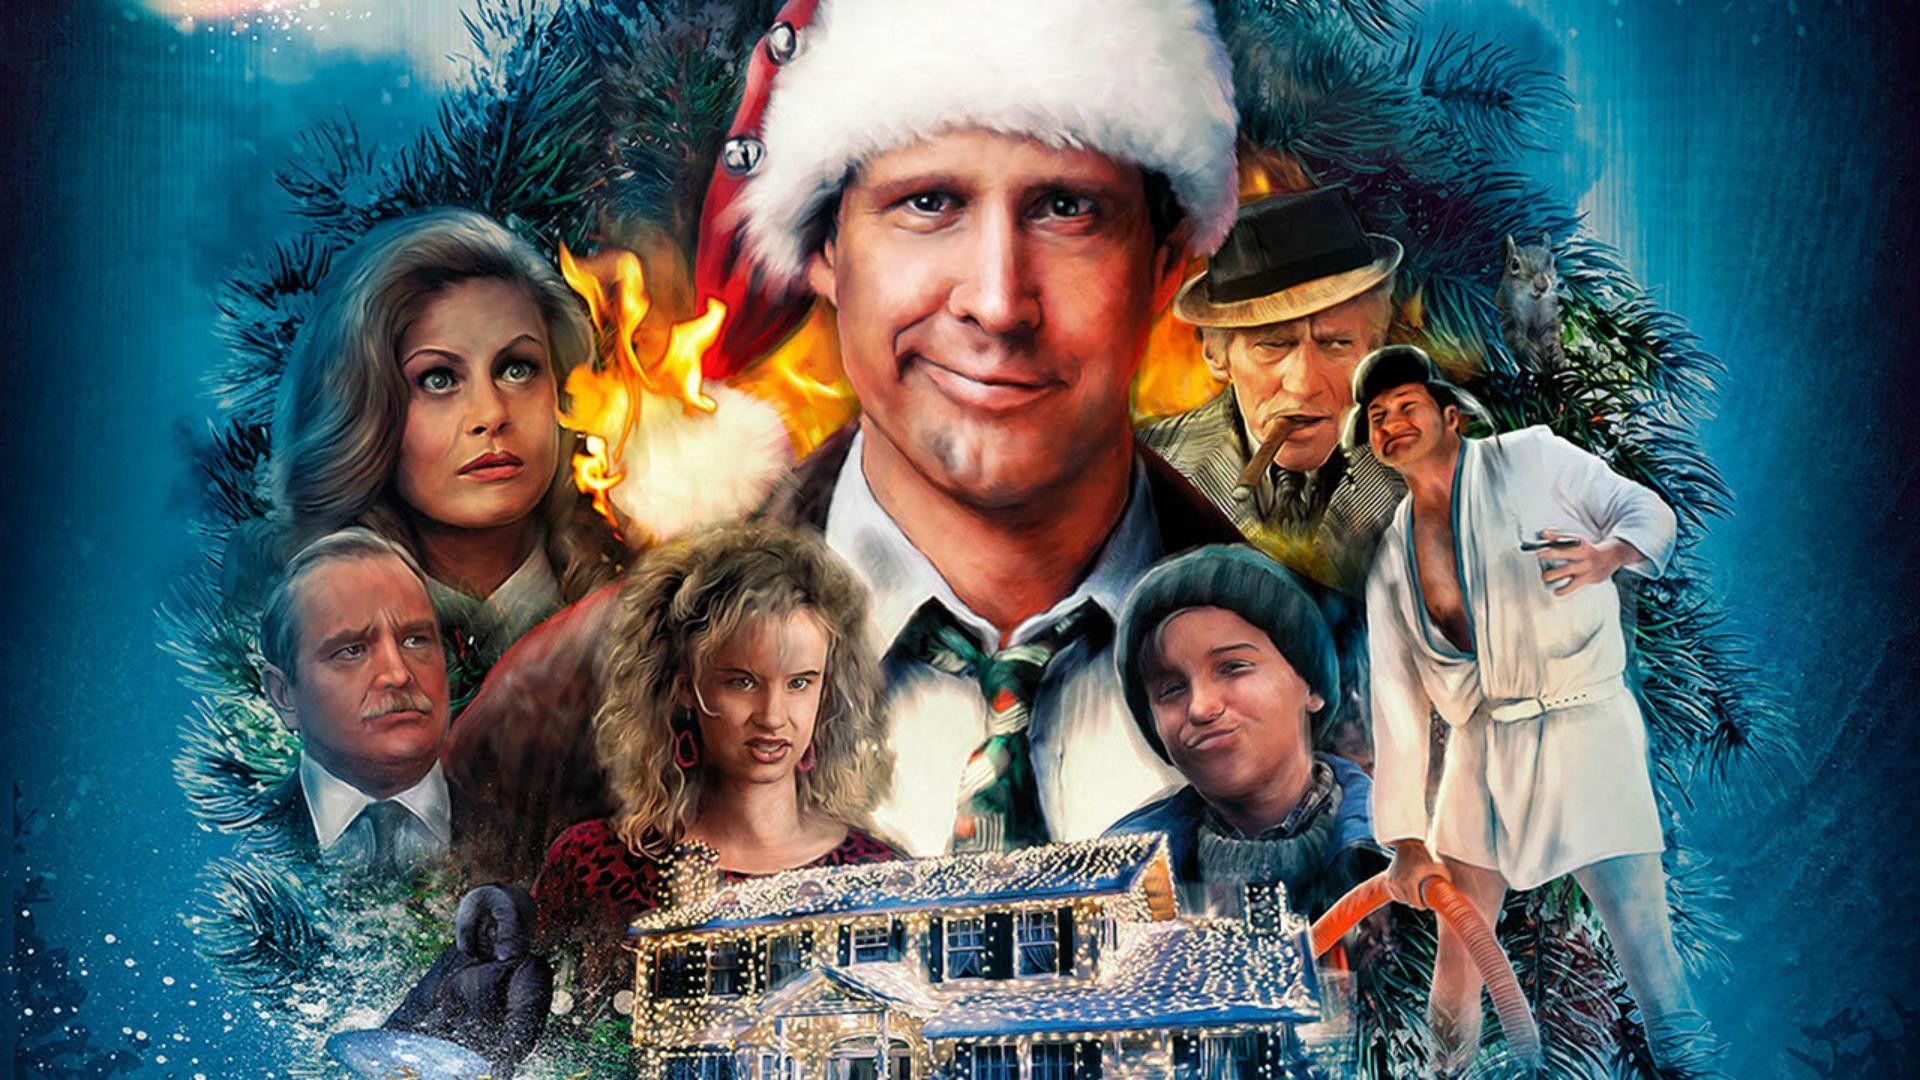 Christmas Movie Wallpapers Top Free Christmas Movie